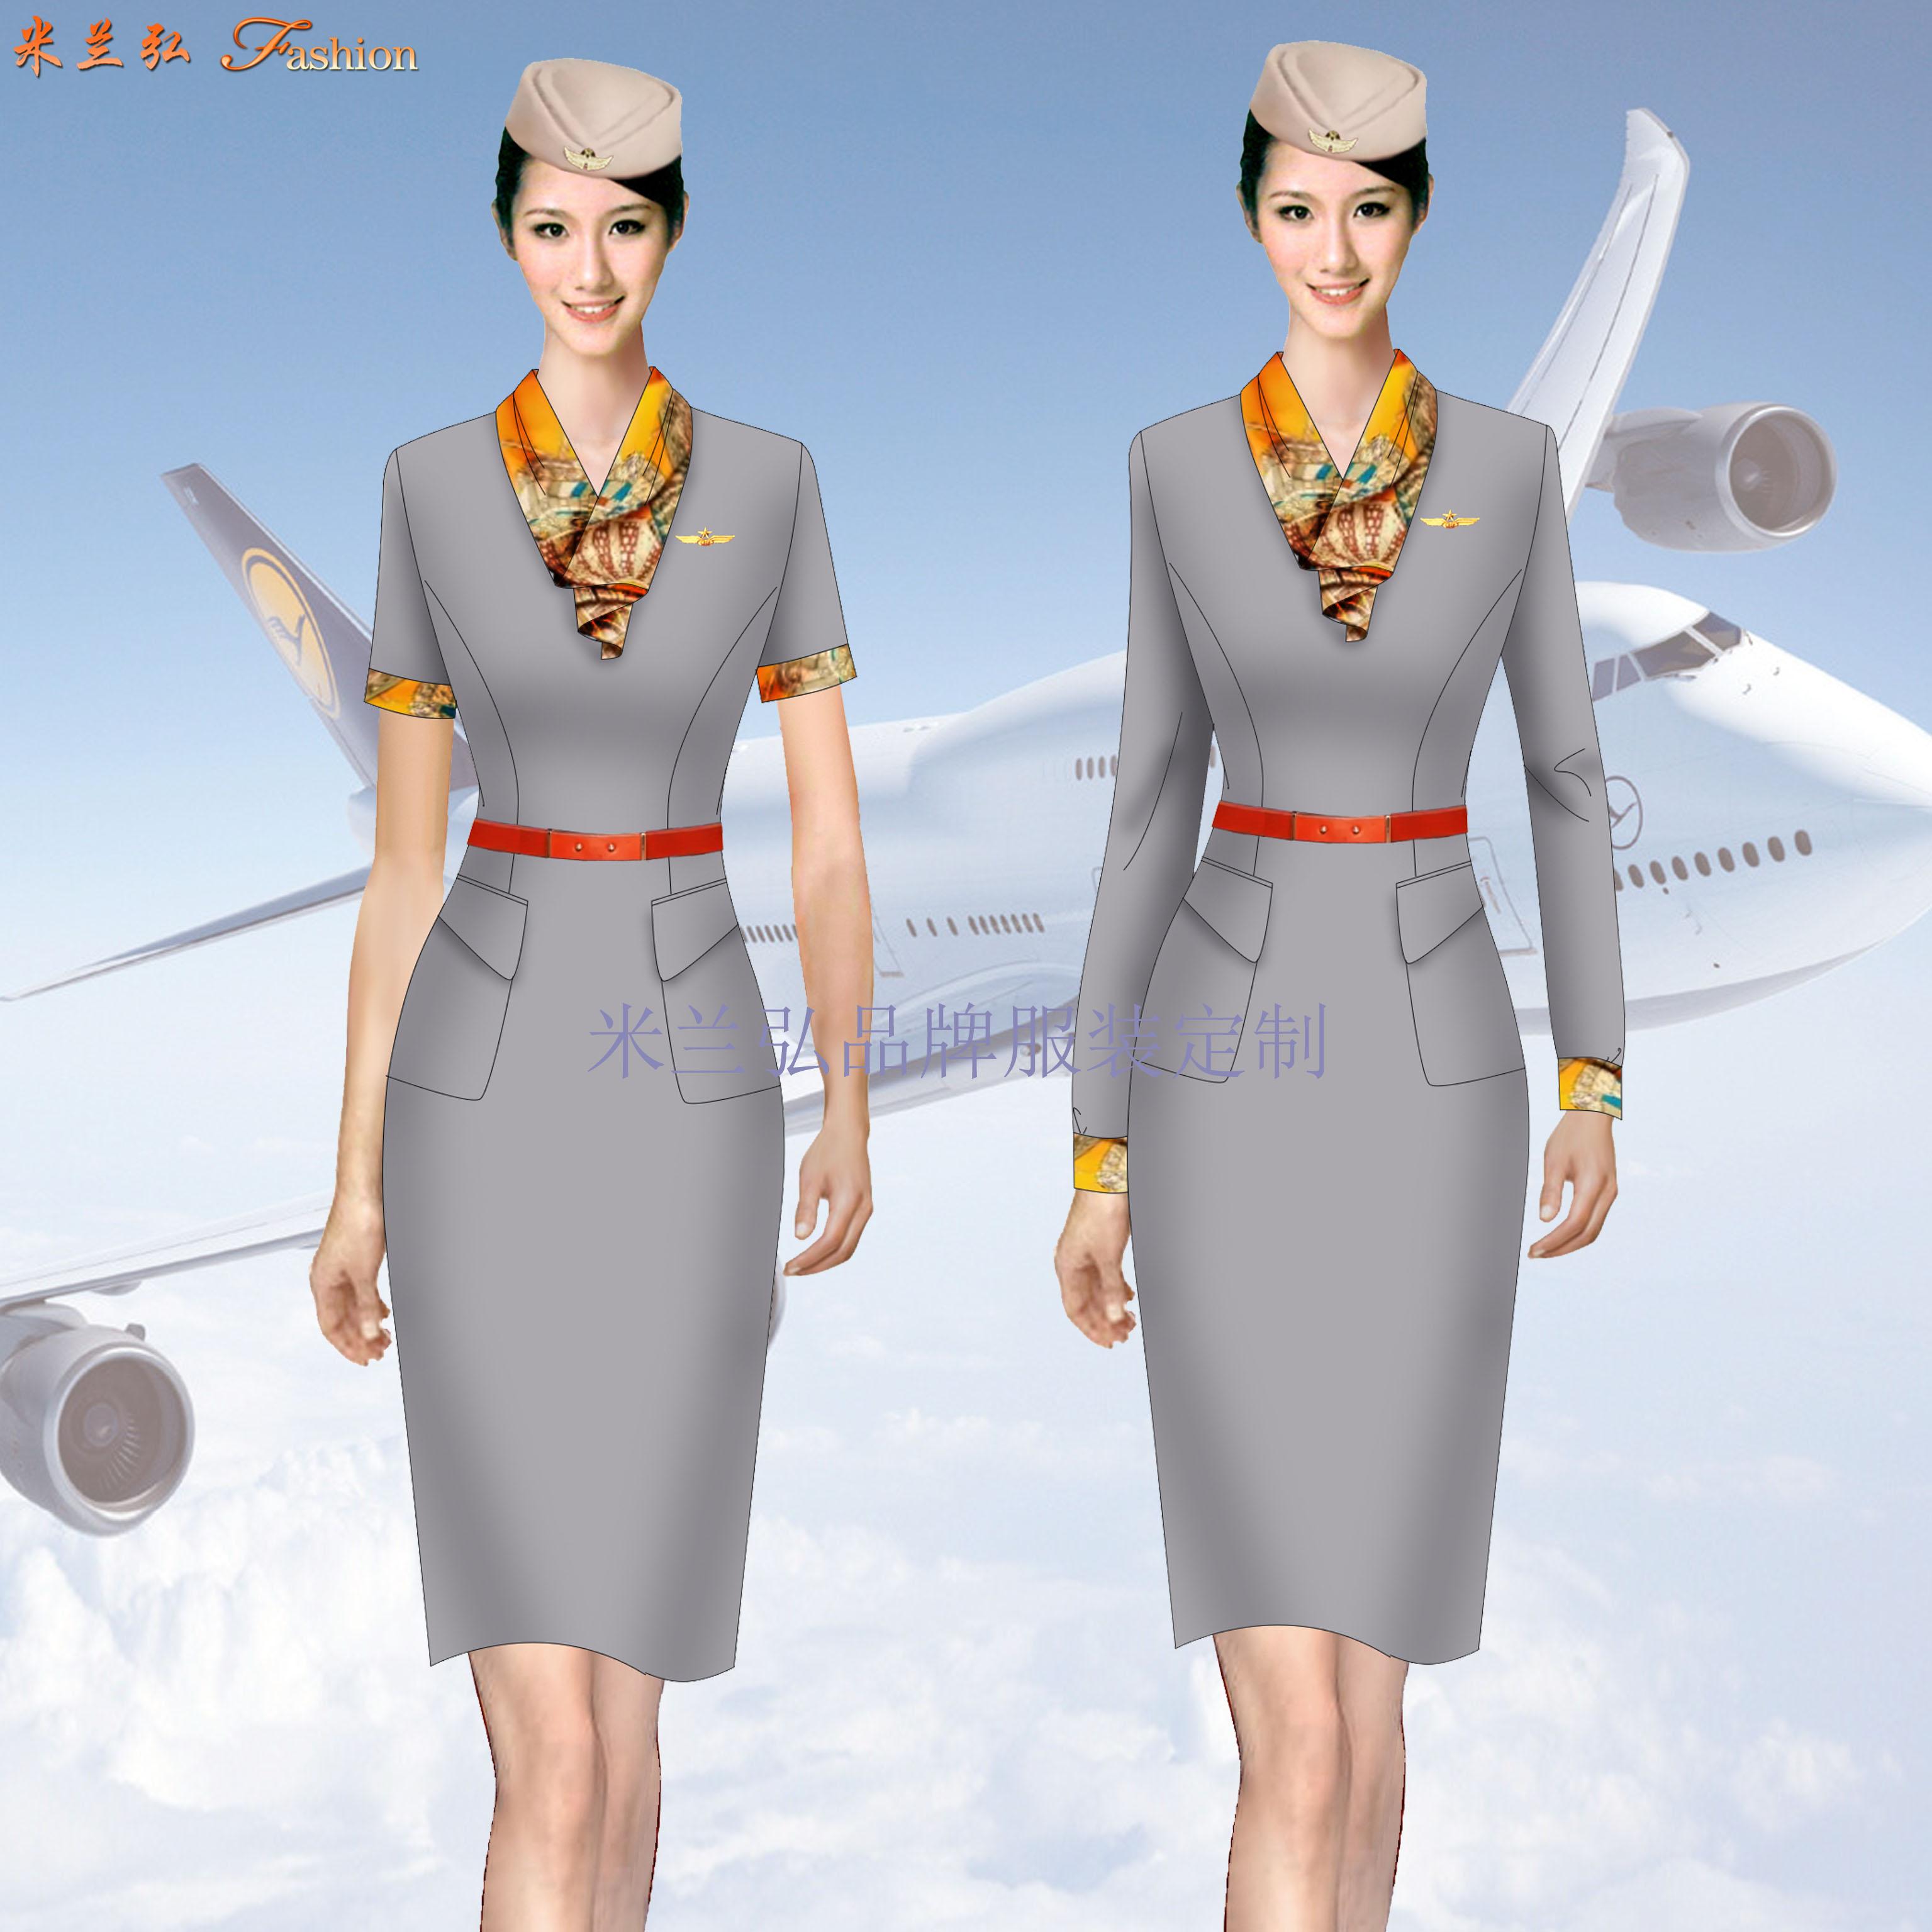 空姐服裙裝訂制定做空姐服連衣裙套裝價格-米蘭弘廠家-1